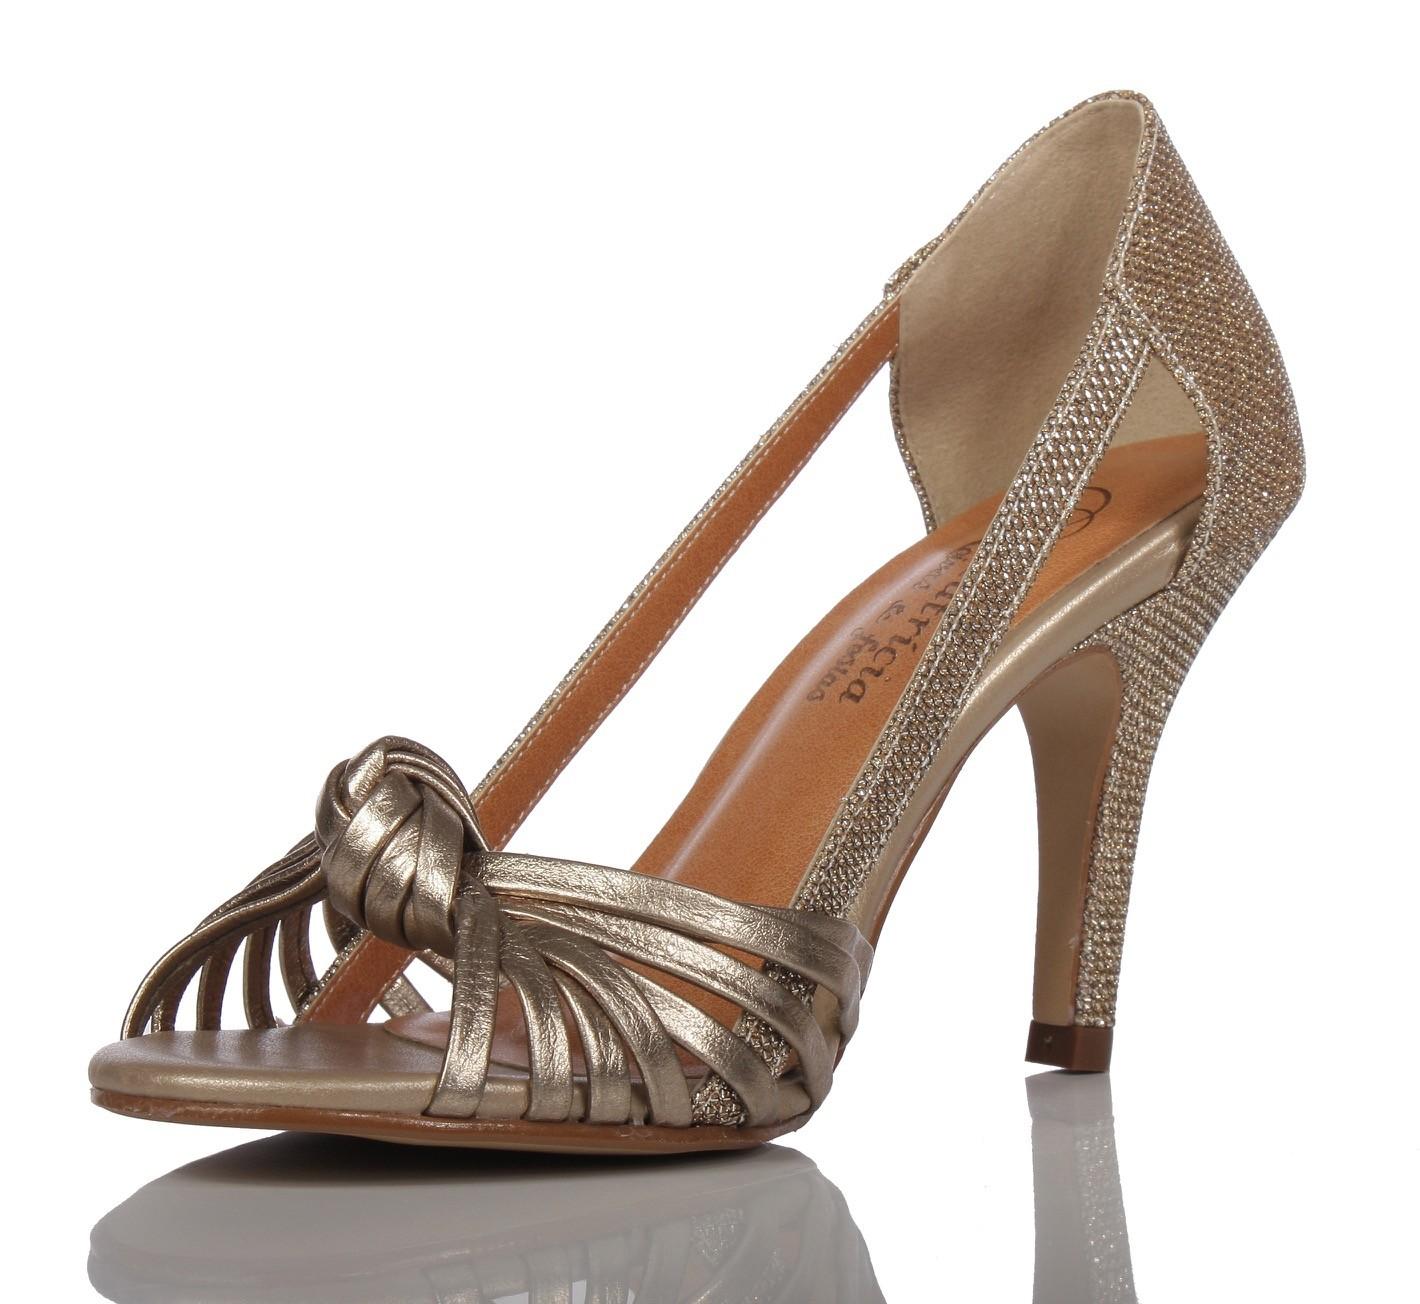 409c040063 Sapato de noiva e festas - Patricia Noivas e Festas